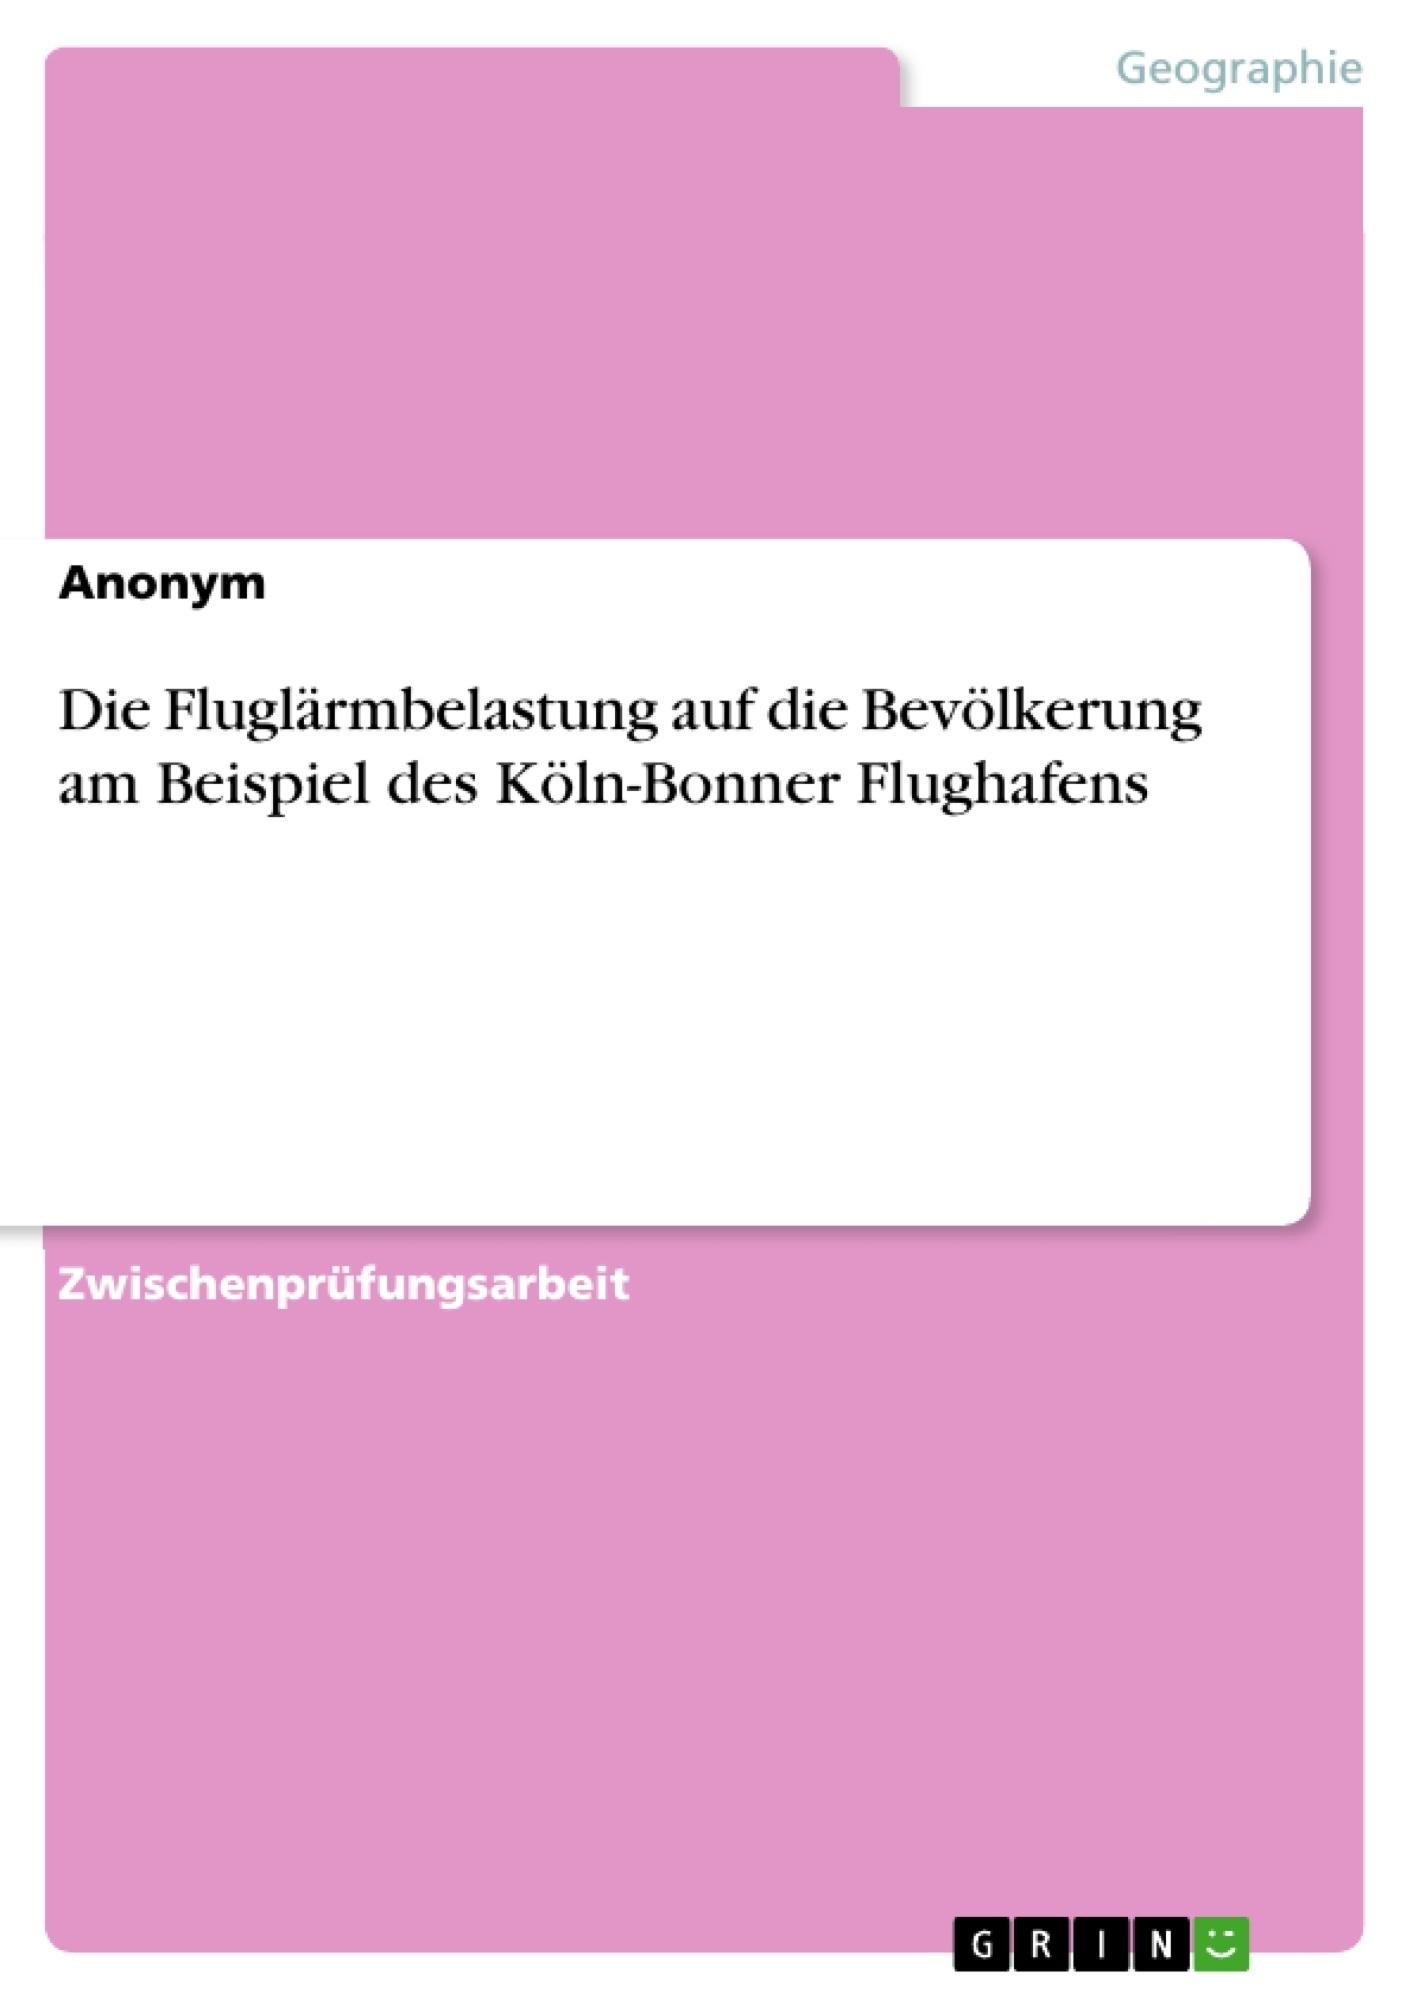 Titel: Die Fluglärmbelastung auf die Bevölkerung am Beispiel des Köln-Bonner Flughafens